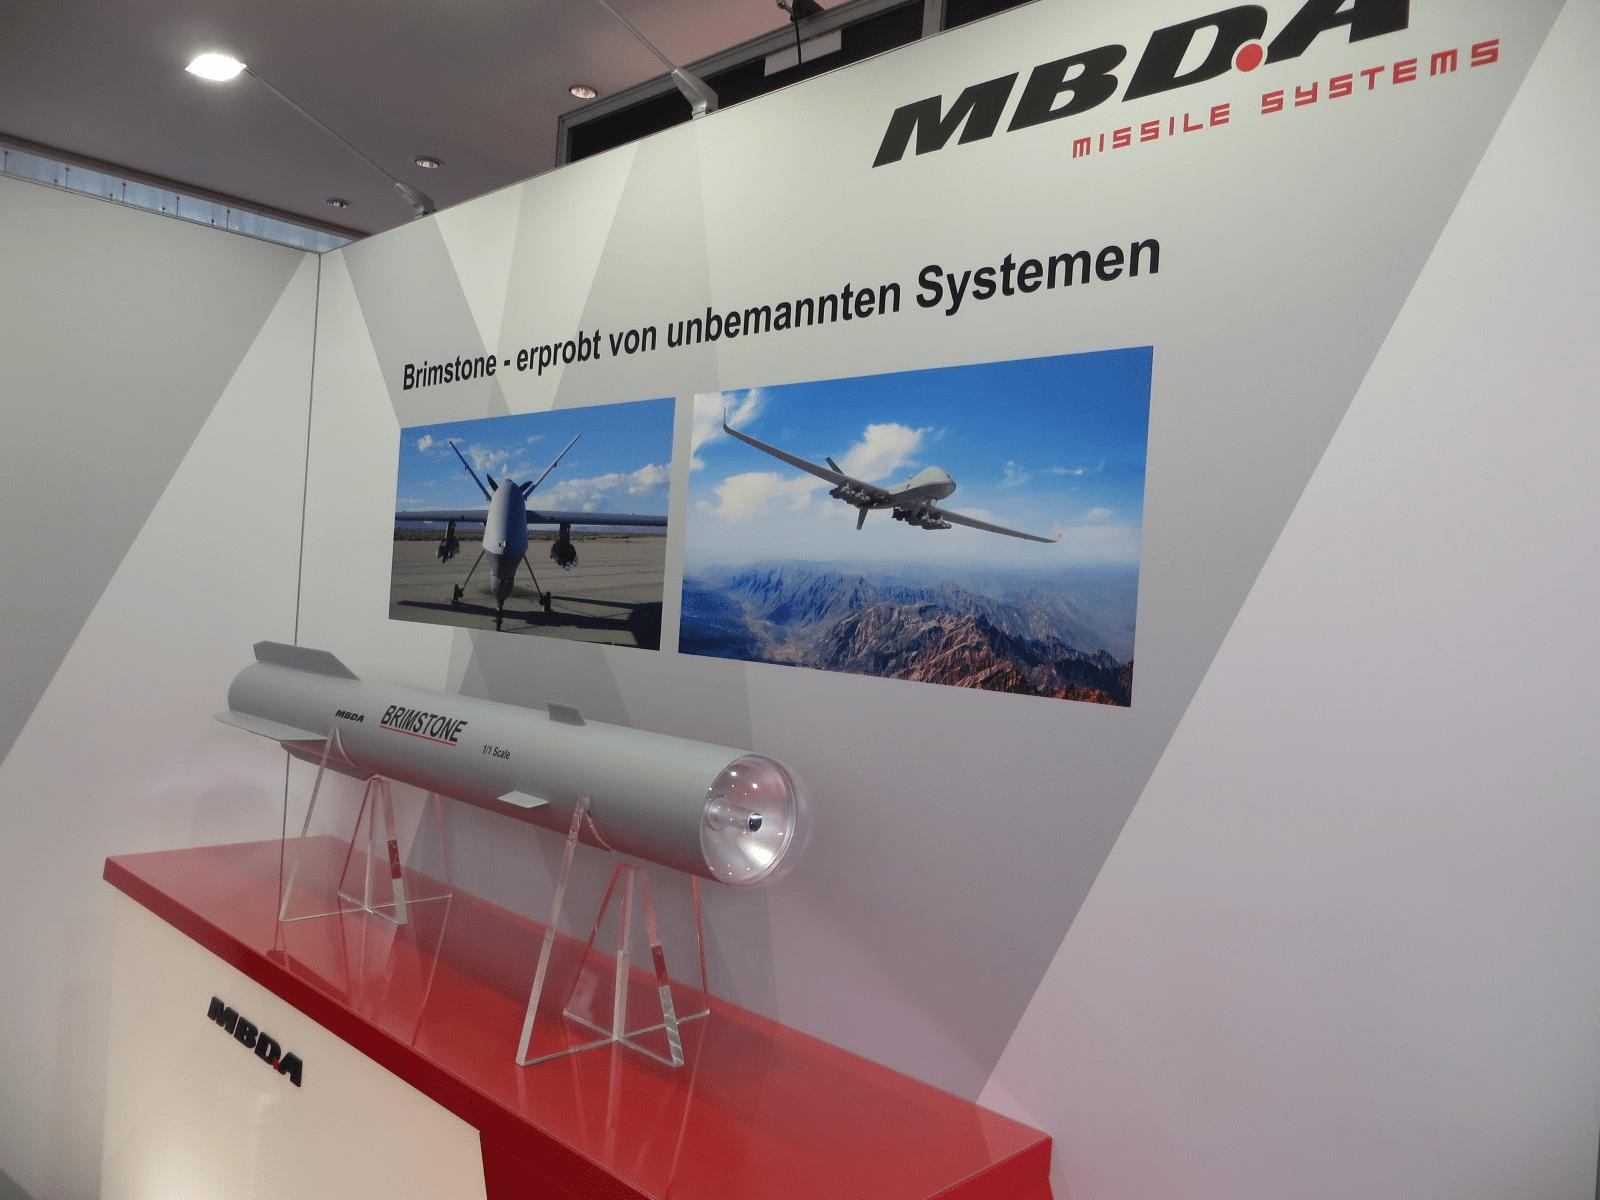 Für die Bewaffnung von Drohnen bietet MBDA den Lenkflugkörper Brimstone an, der mit Überschallgeschwindigkeit fliegt und mit einer 6,5-kg-Tandemhohlladung auch Panzerungen durchschlagen kann.